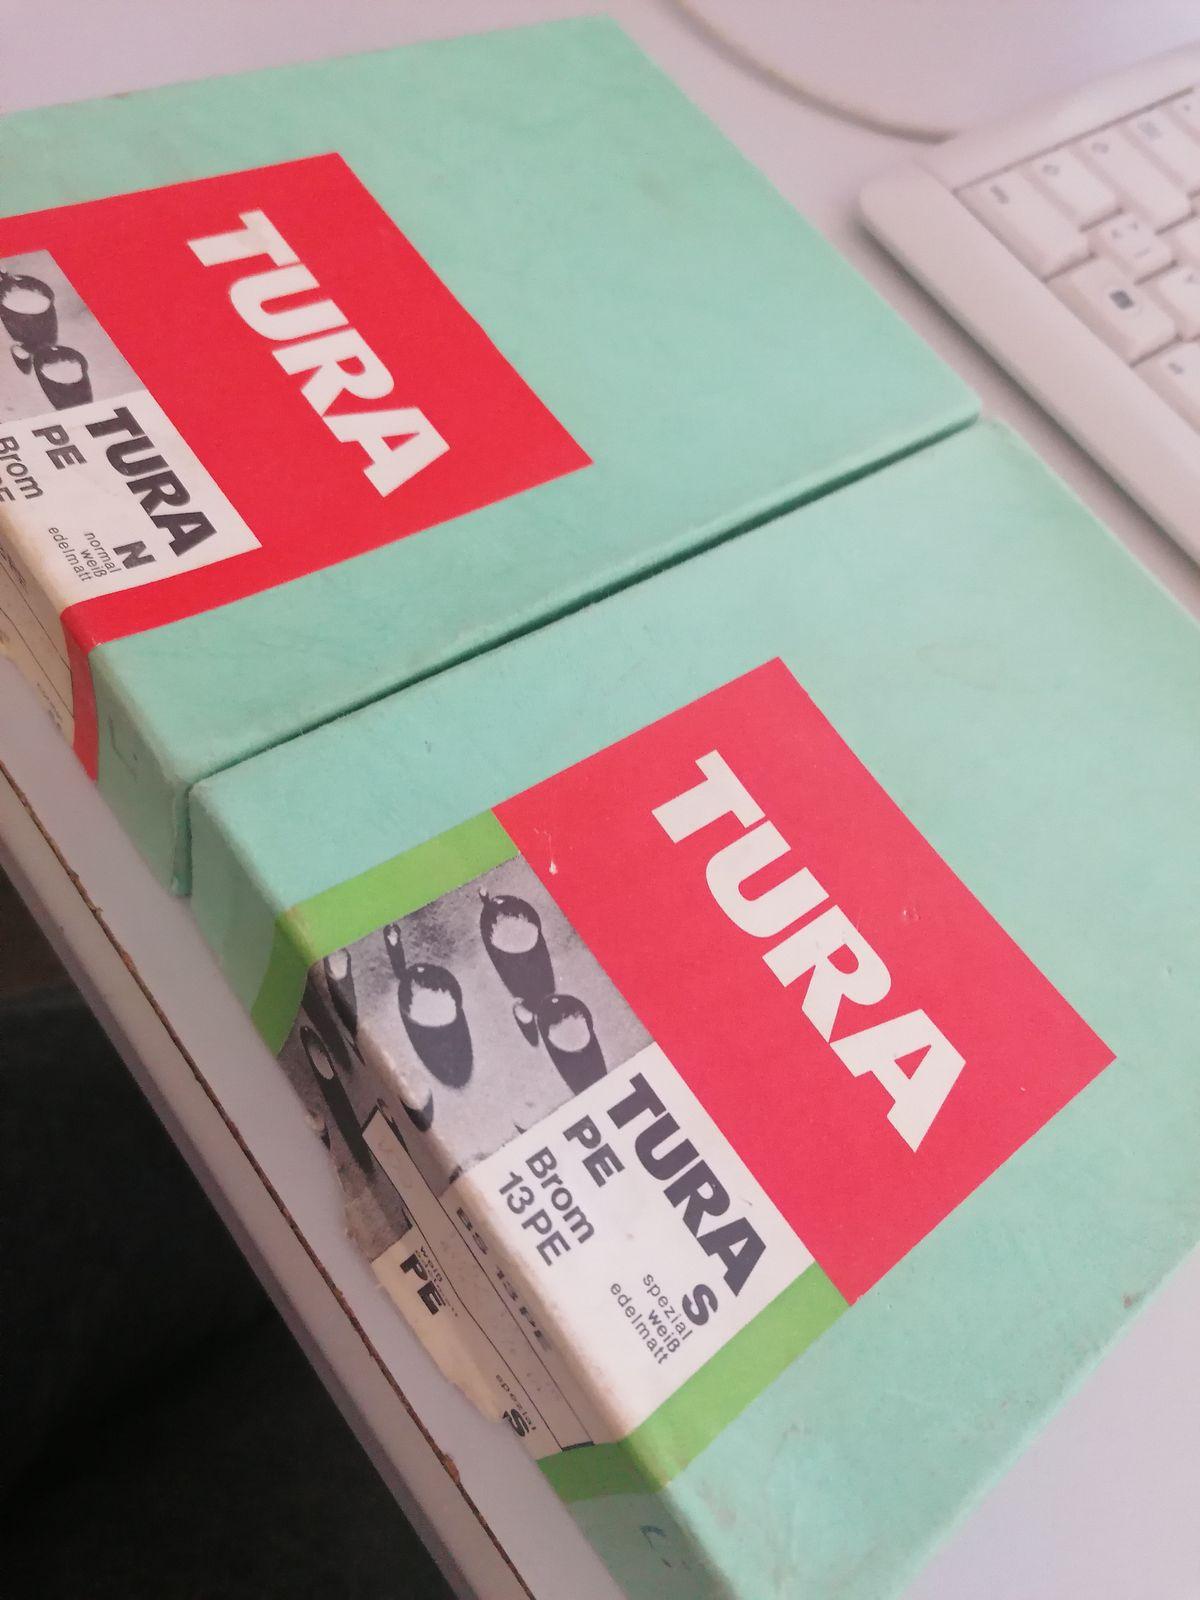 TURA PR (Brom), PE N & S